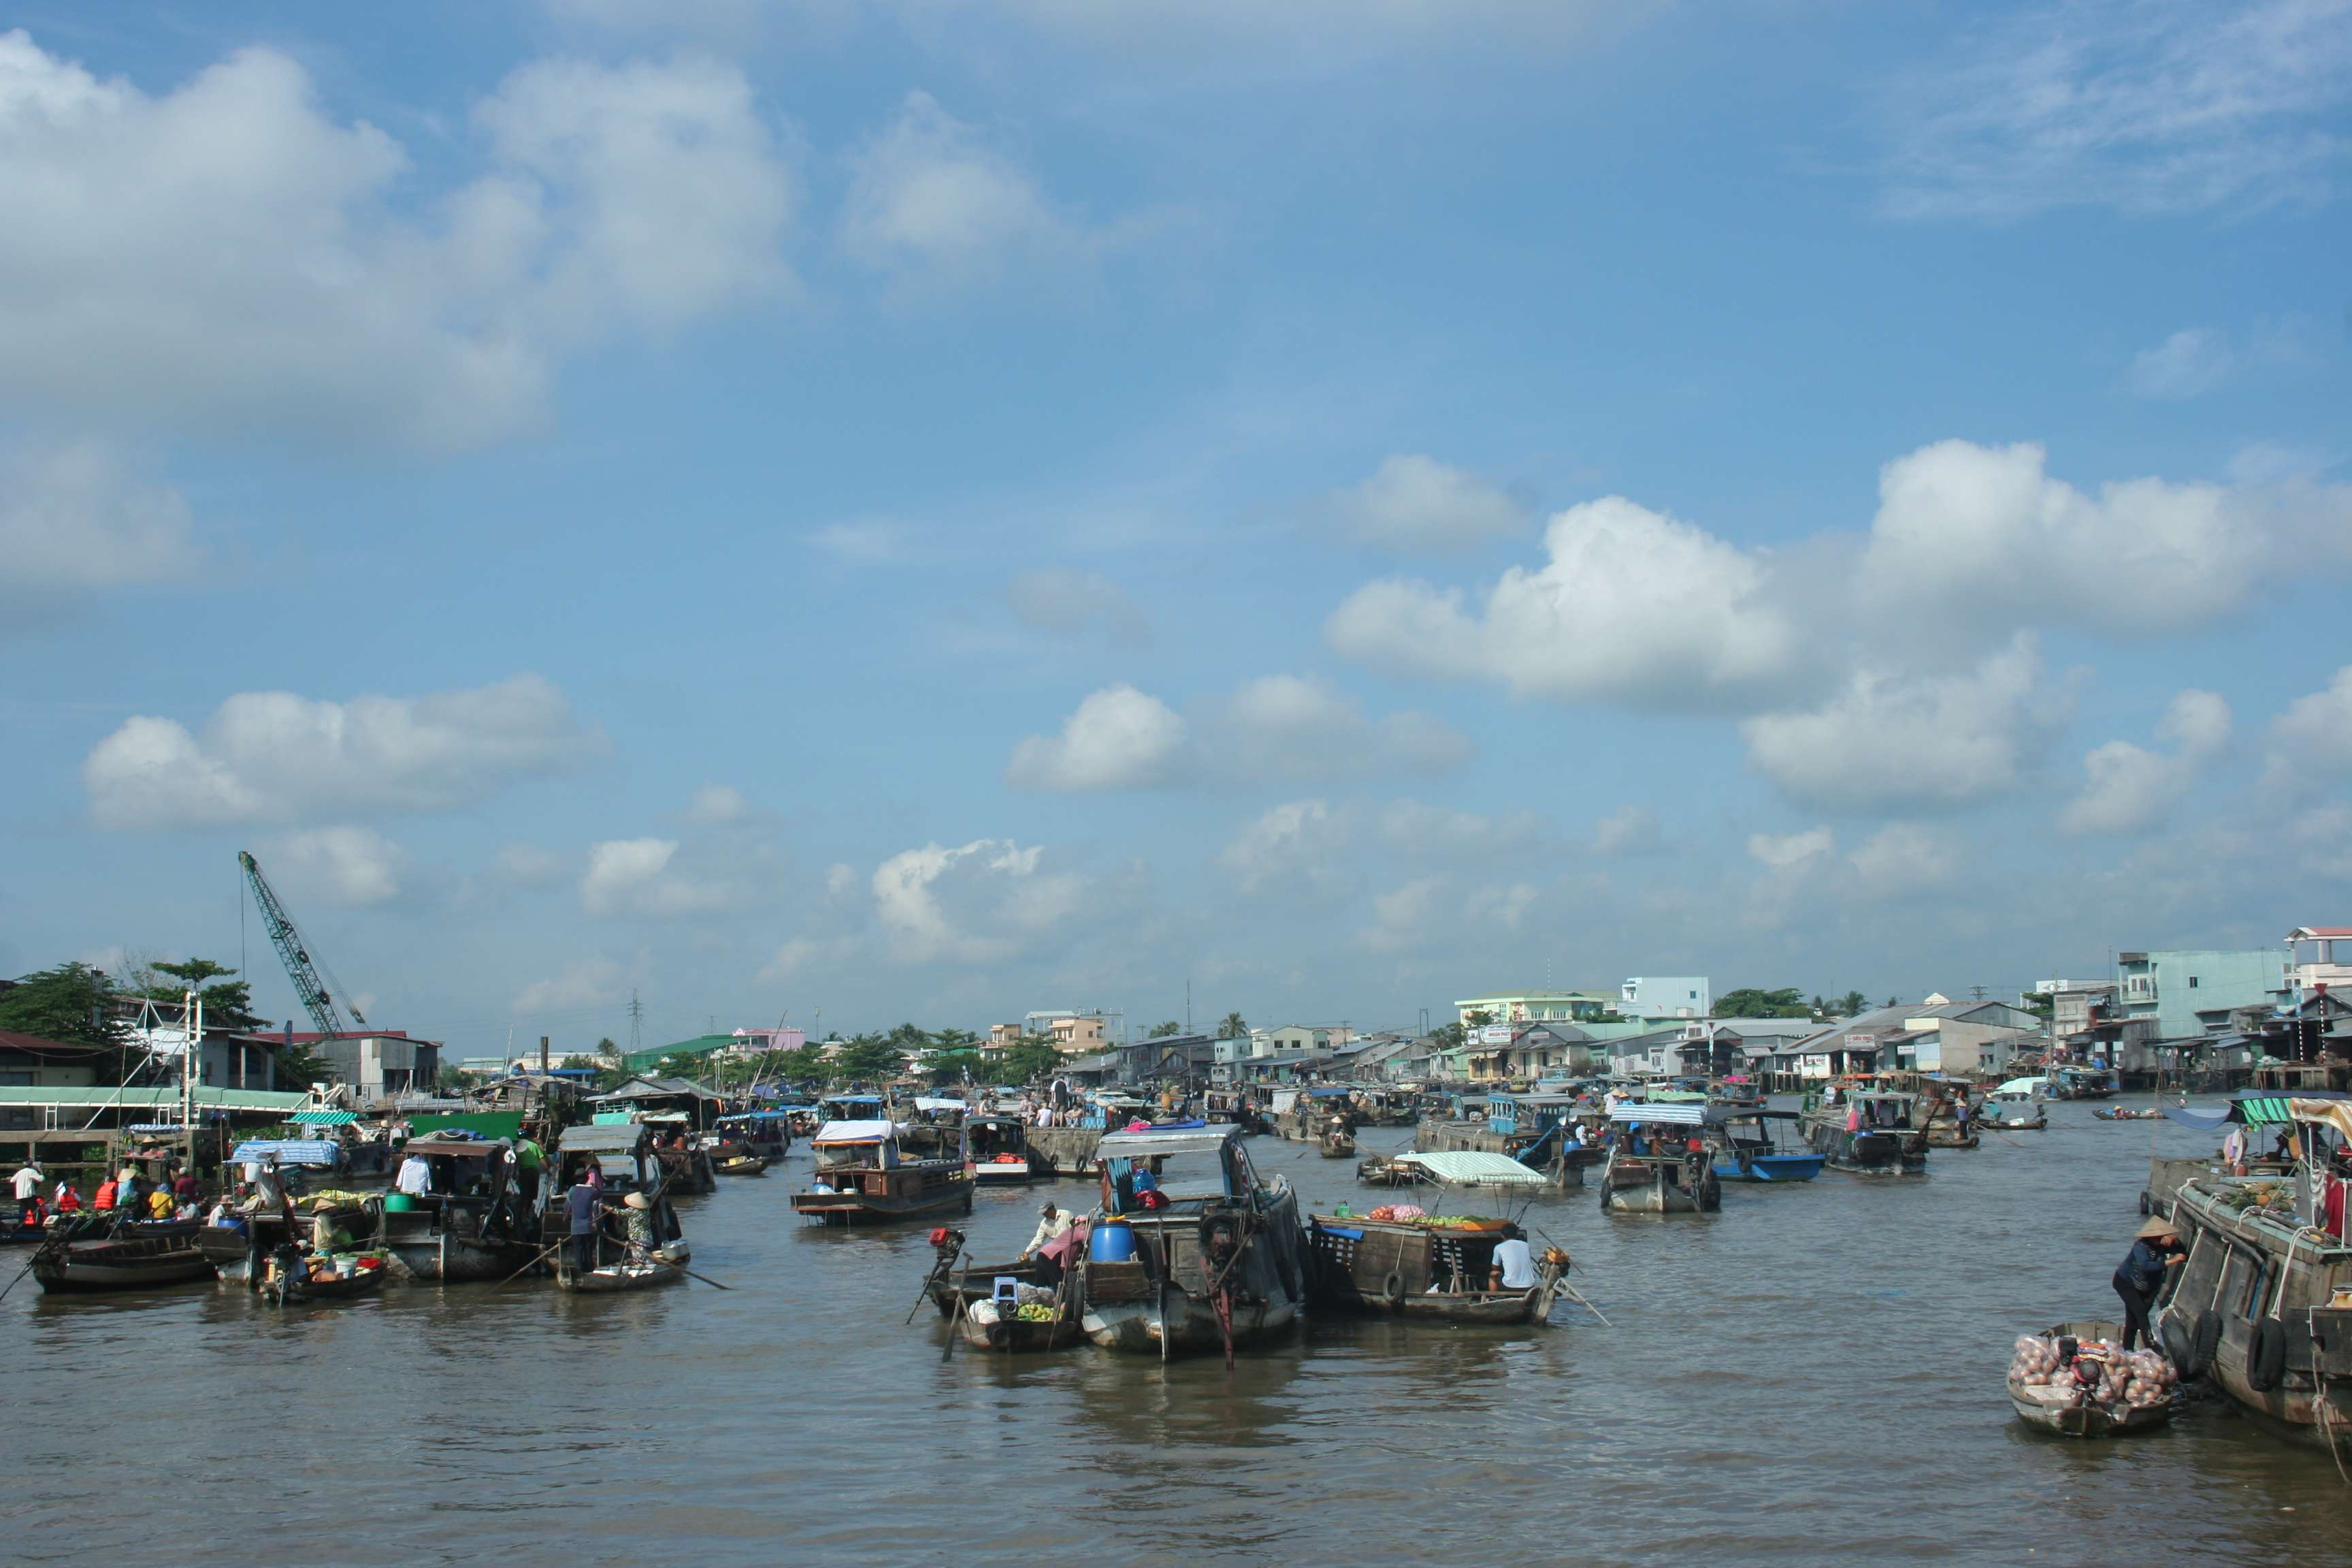 20120420_438 Delta du Mekong marche flottant